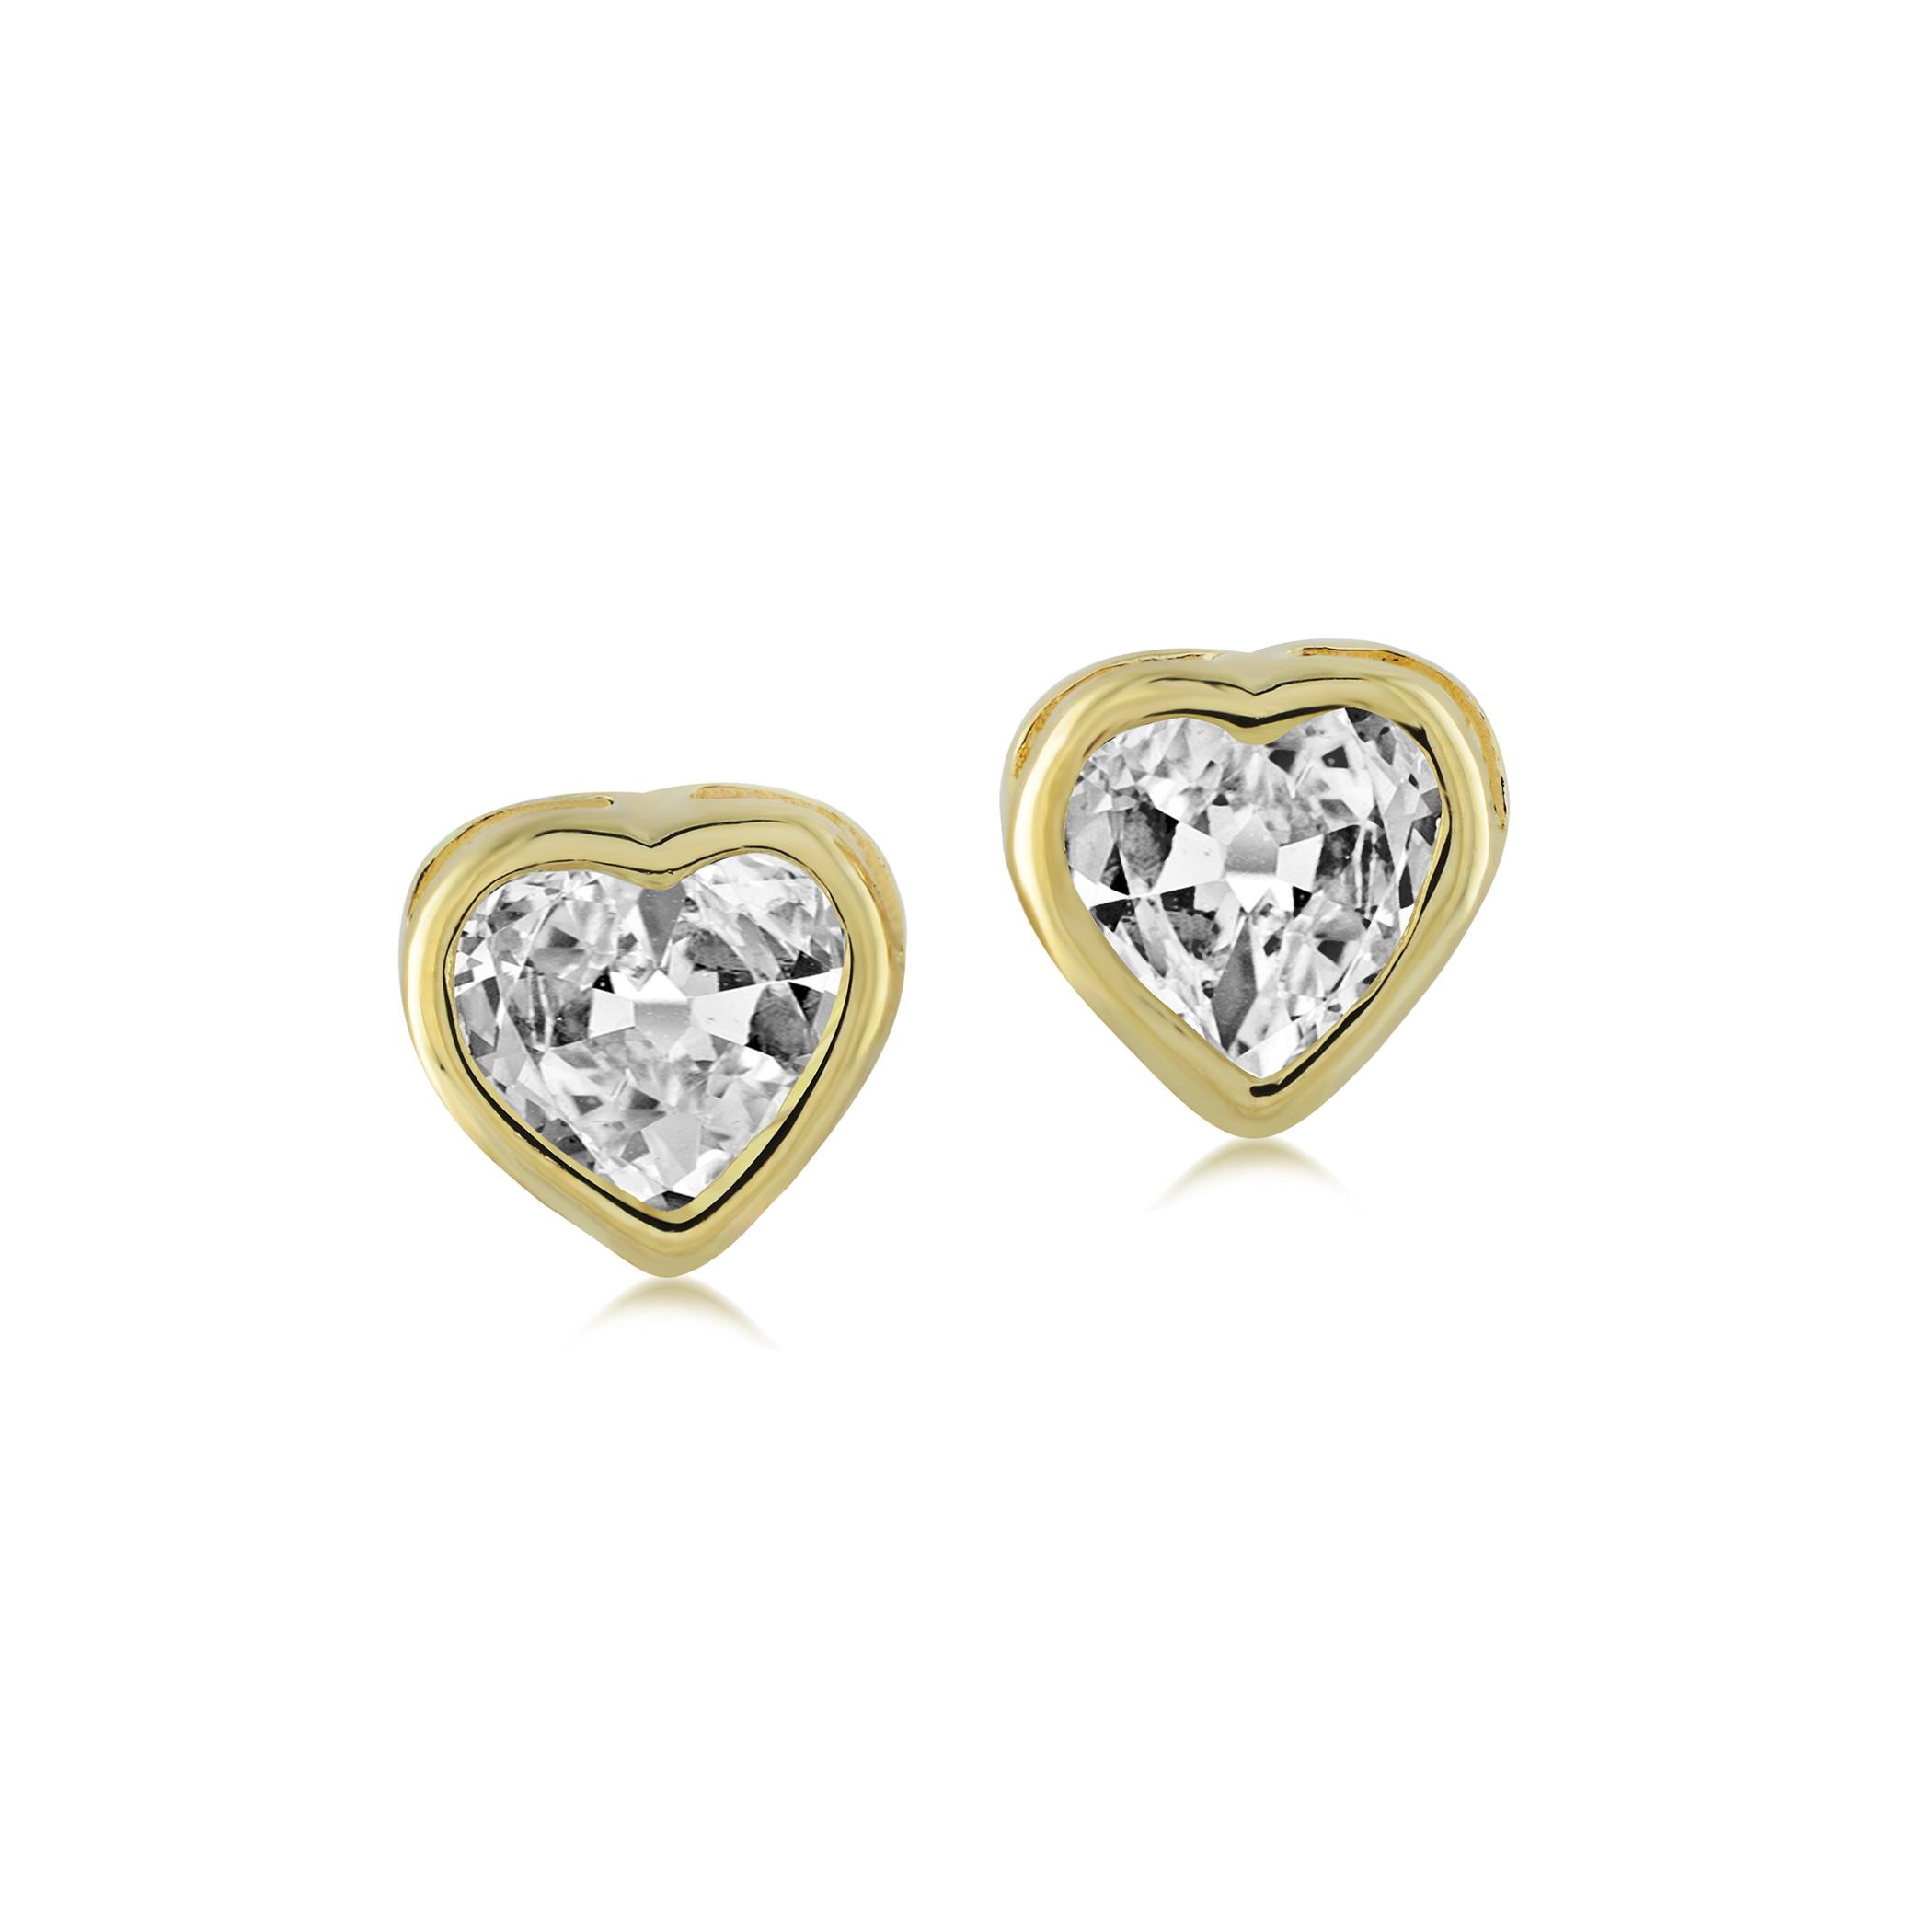 Boucles d'oreilles coeurs en or avec zircons cubiques